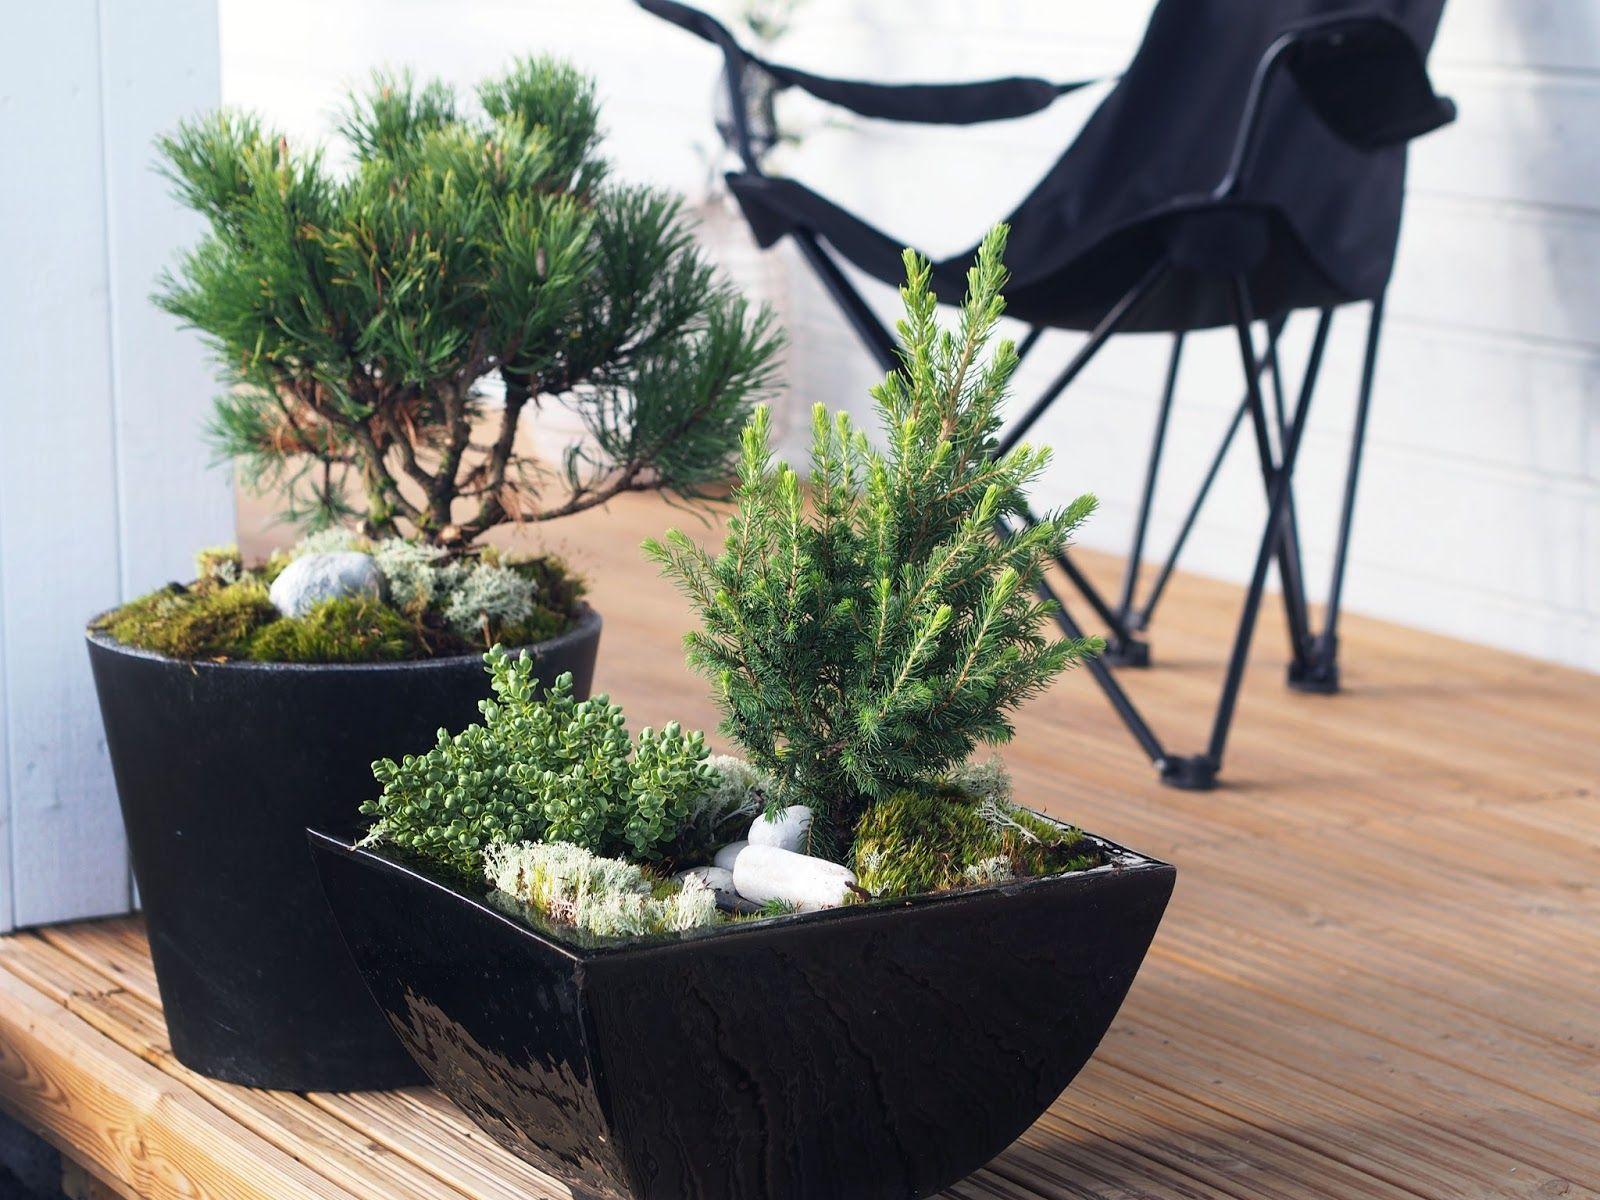 Yksinkertaiset, japanilaistyyliset istutukset